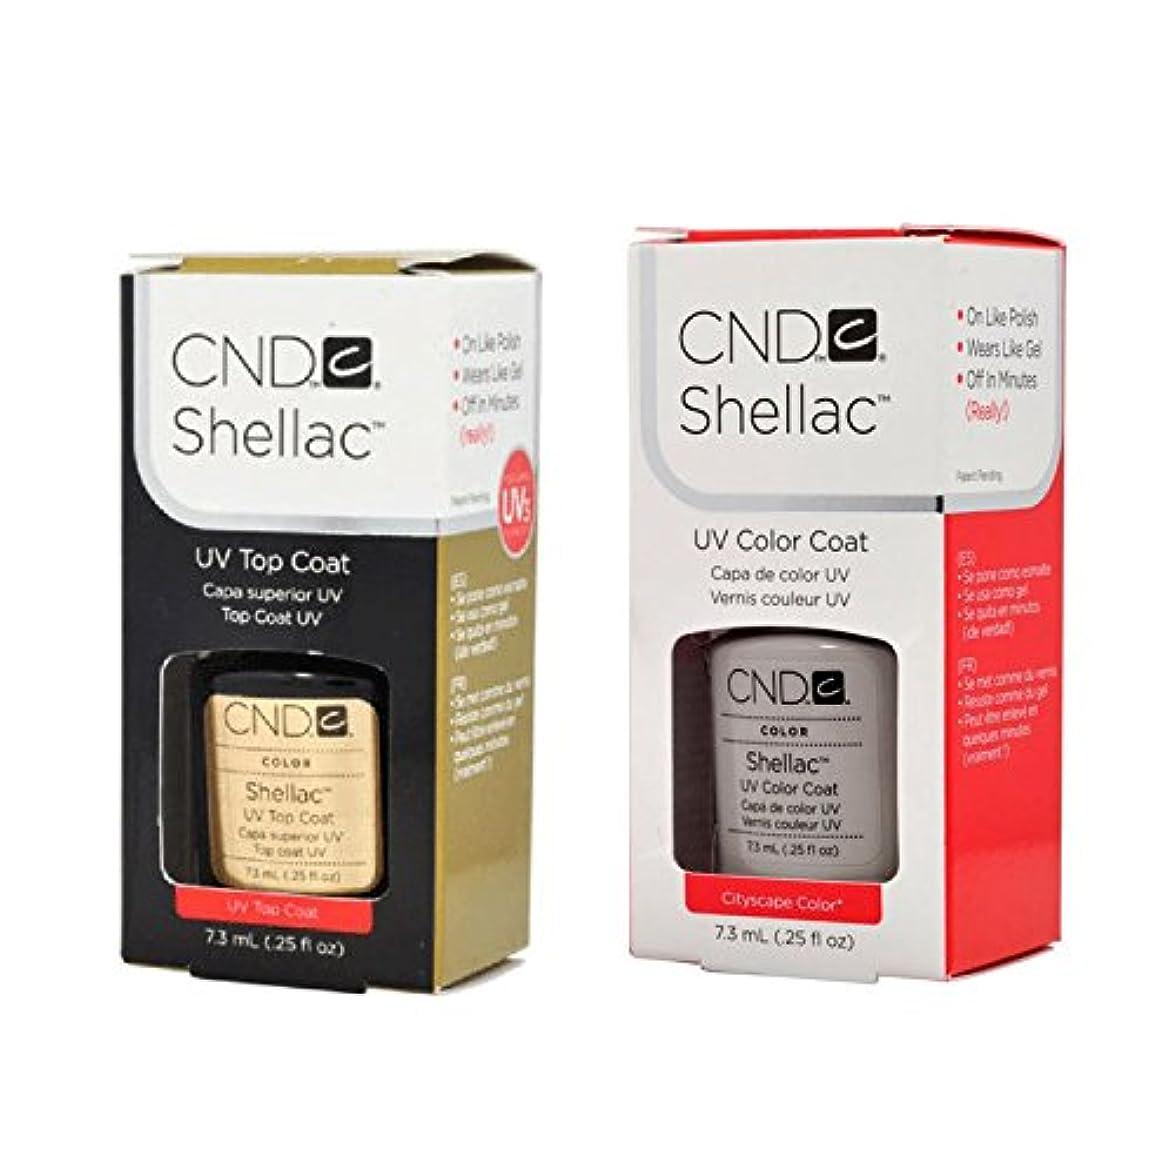 注入排泄物憂慮すべきCND Shellac UVトップコート 7.3m l  &  UV カラーコー< Cityscape>7.3ml [海外直送品]